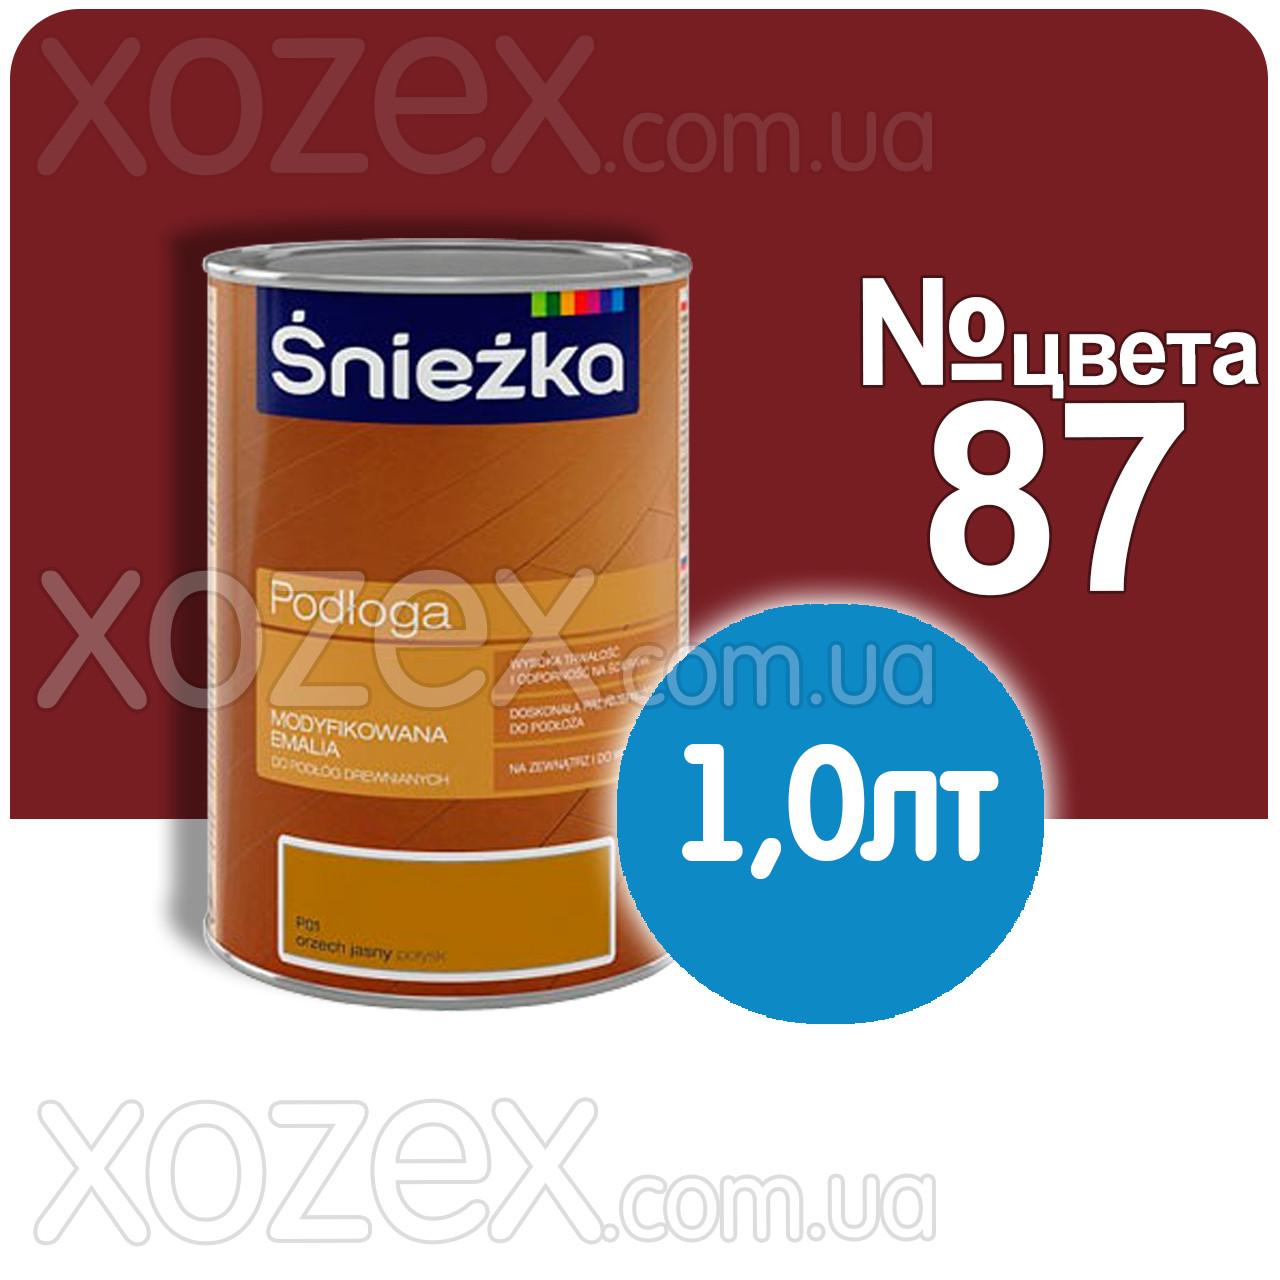 """Орех-средний""""Orzech Sredni"""",Красно-кор.№87 Краска для пола Sniezka 1,0лт"""